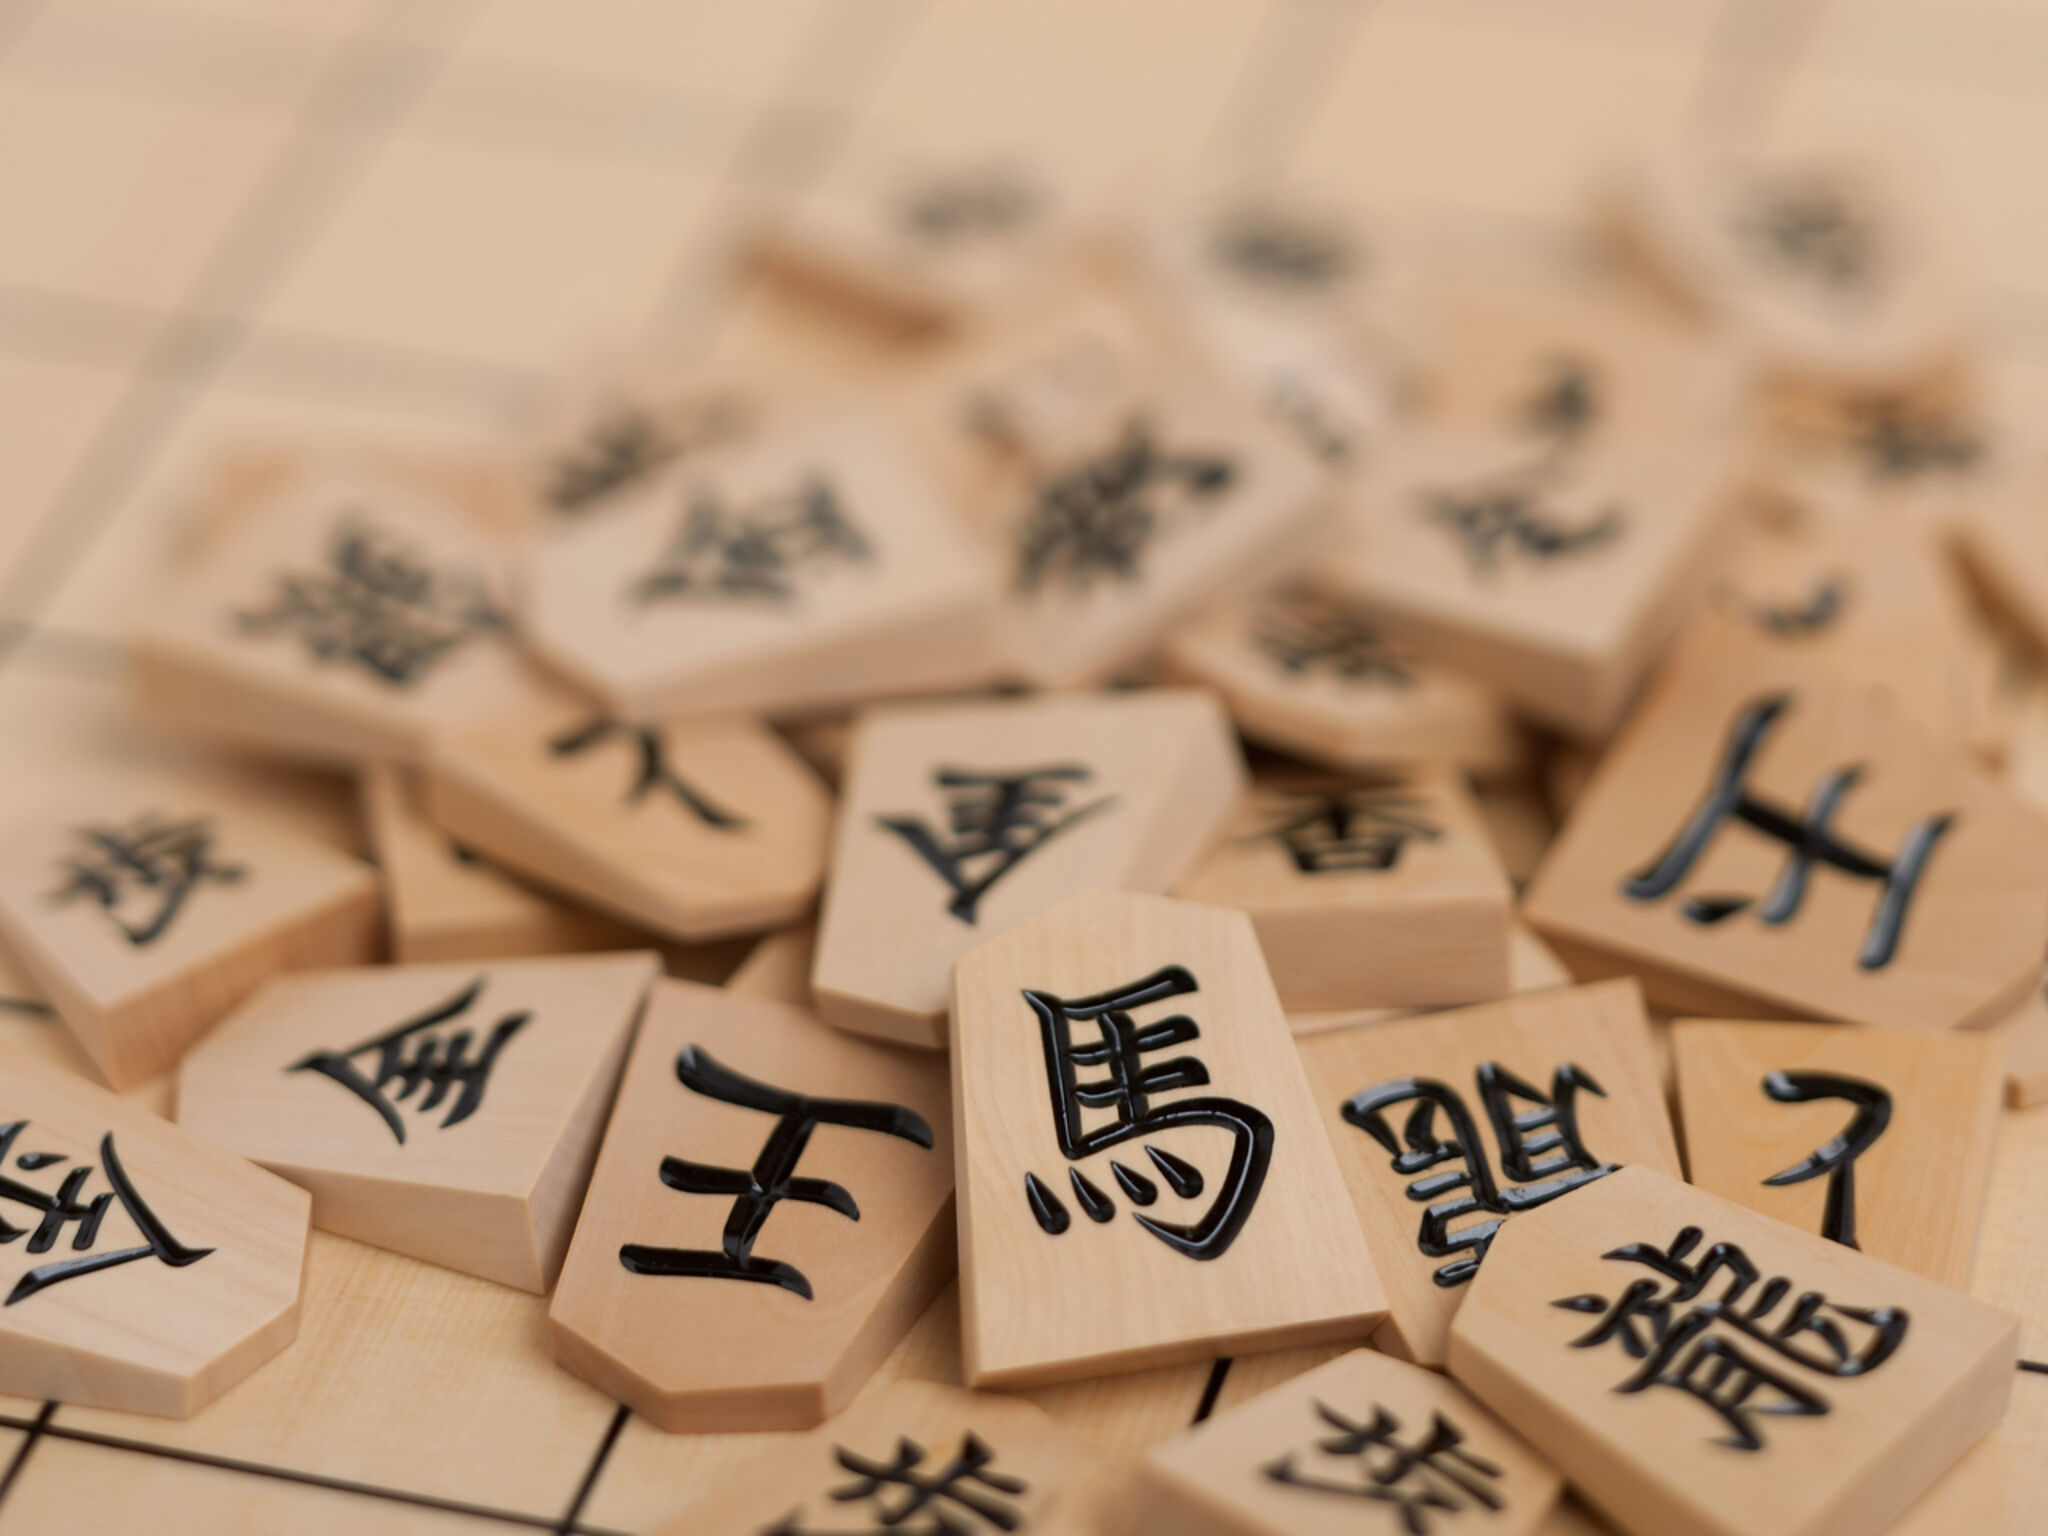 将棋の駒がアップになって写っている画像